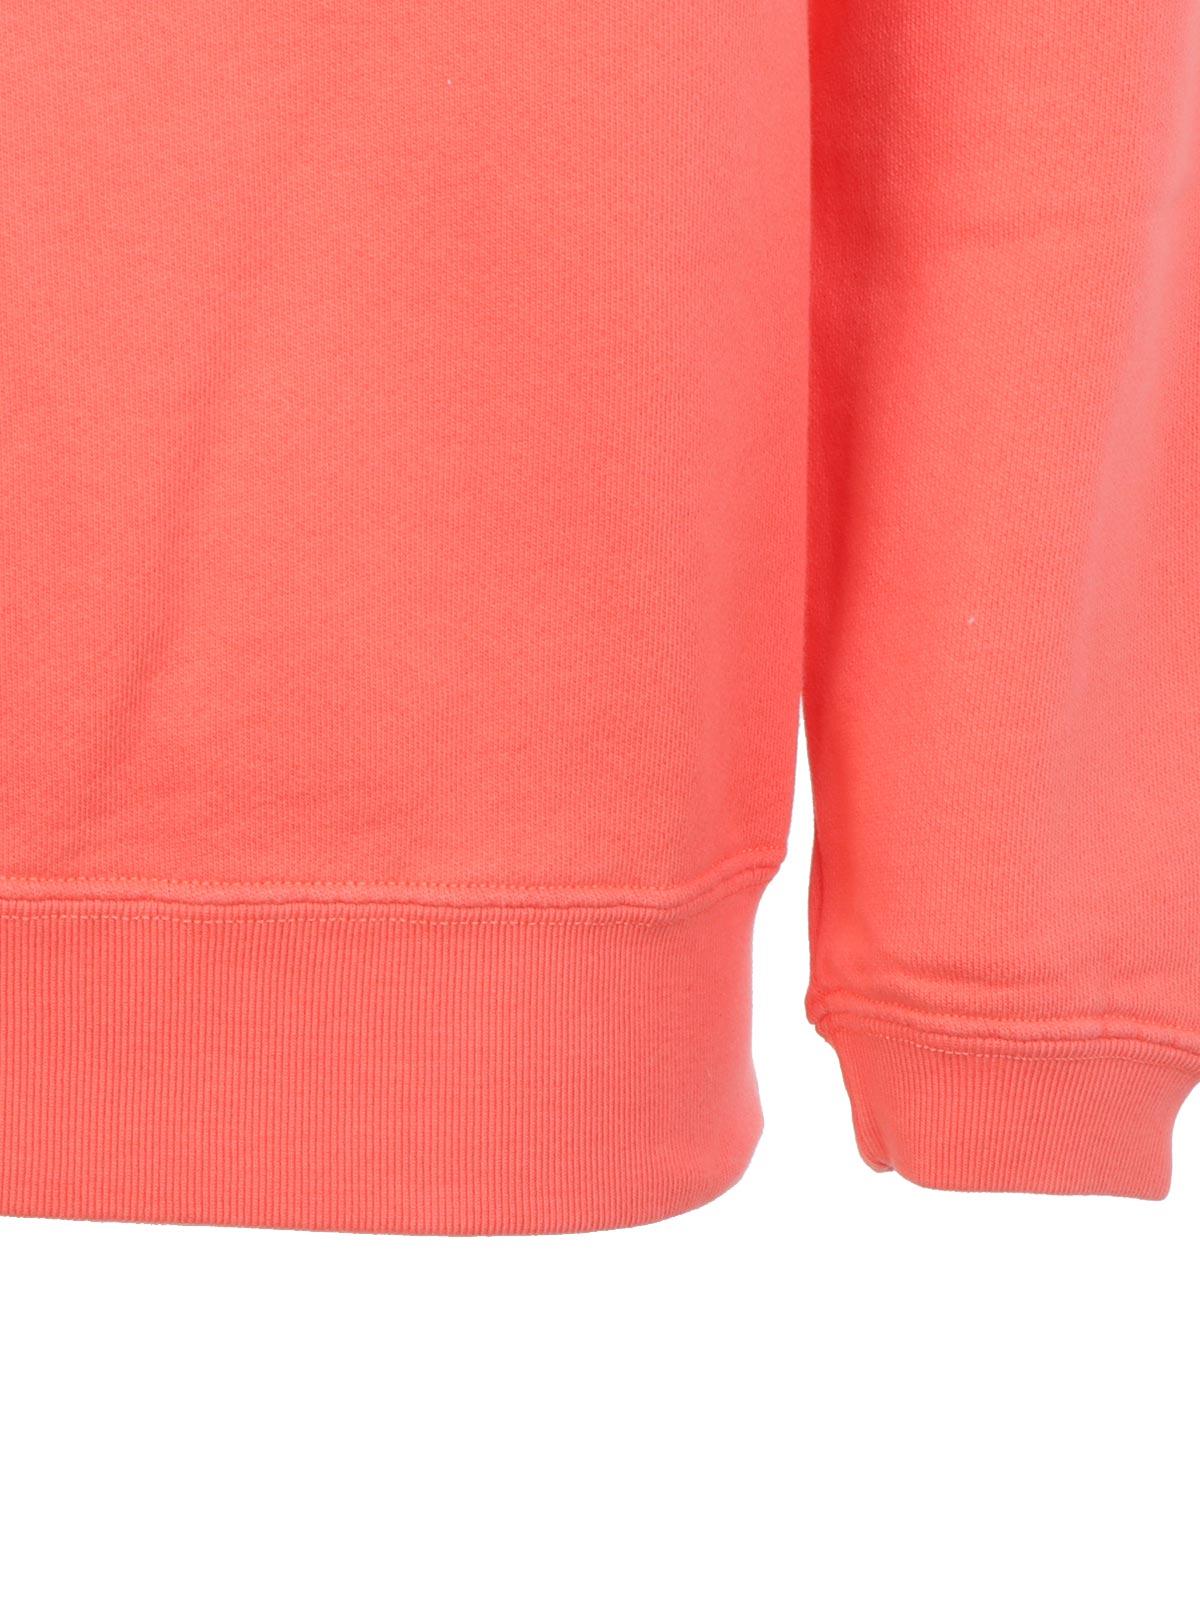 Picture of BEST COMPANY | Women's Crewneck Sweatshirt